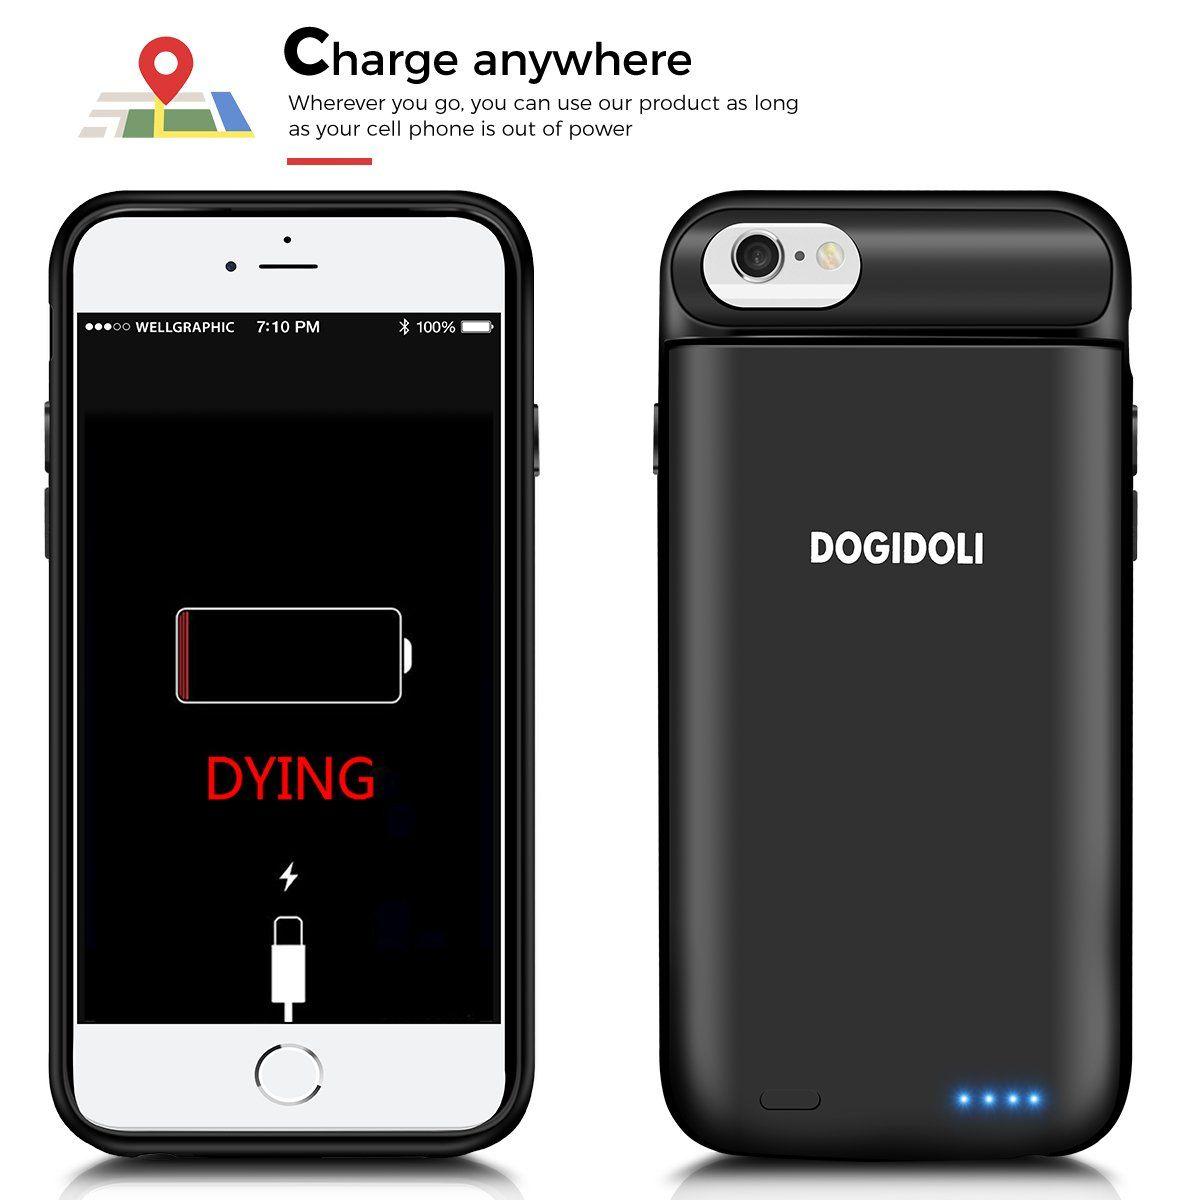 dogidoli iphone 6 case